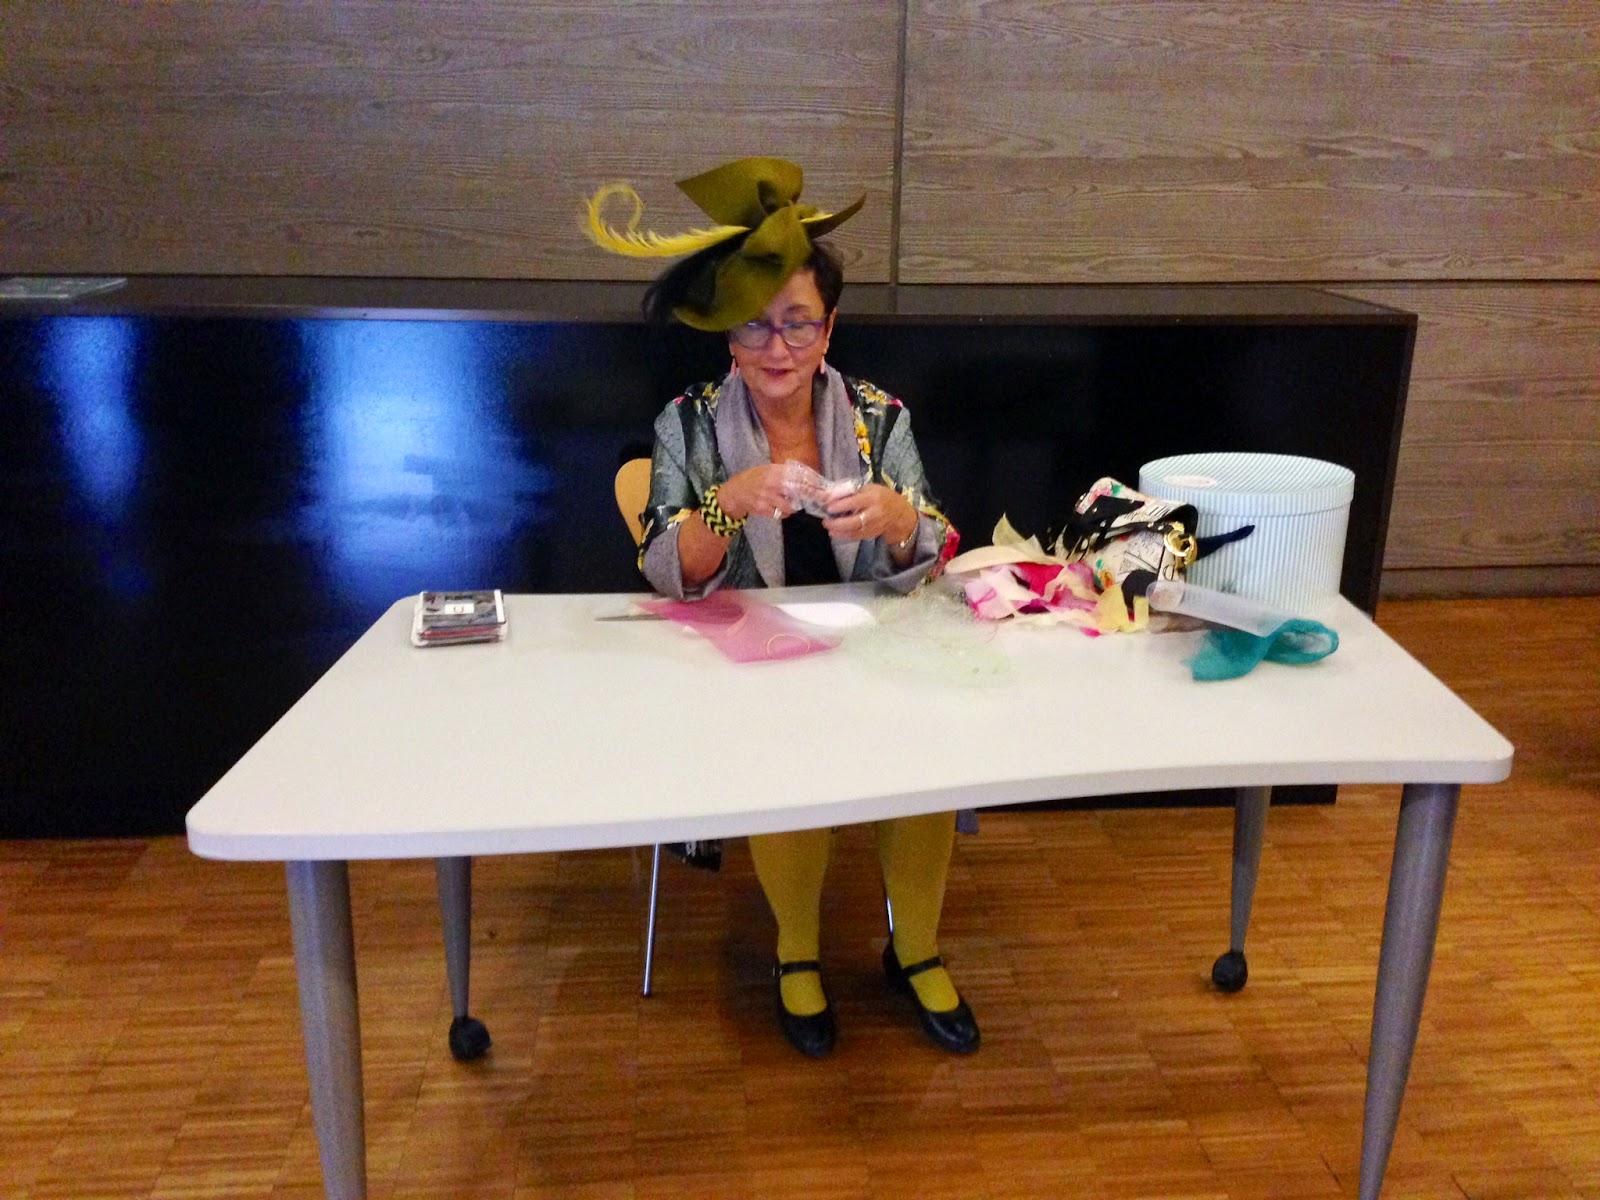 Charo Agruña preparándose para el taller que impartió en el Museo del Traje